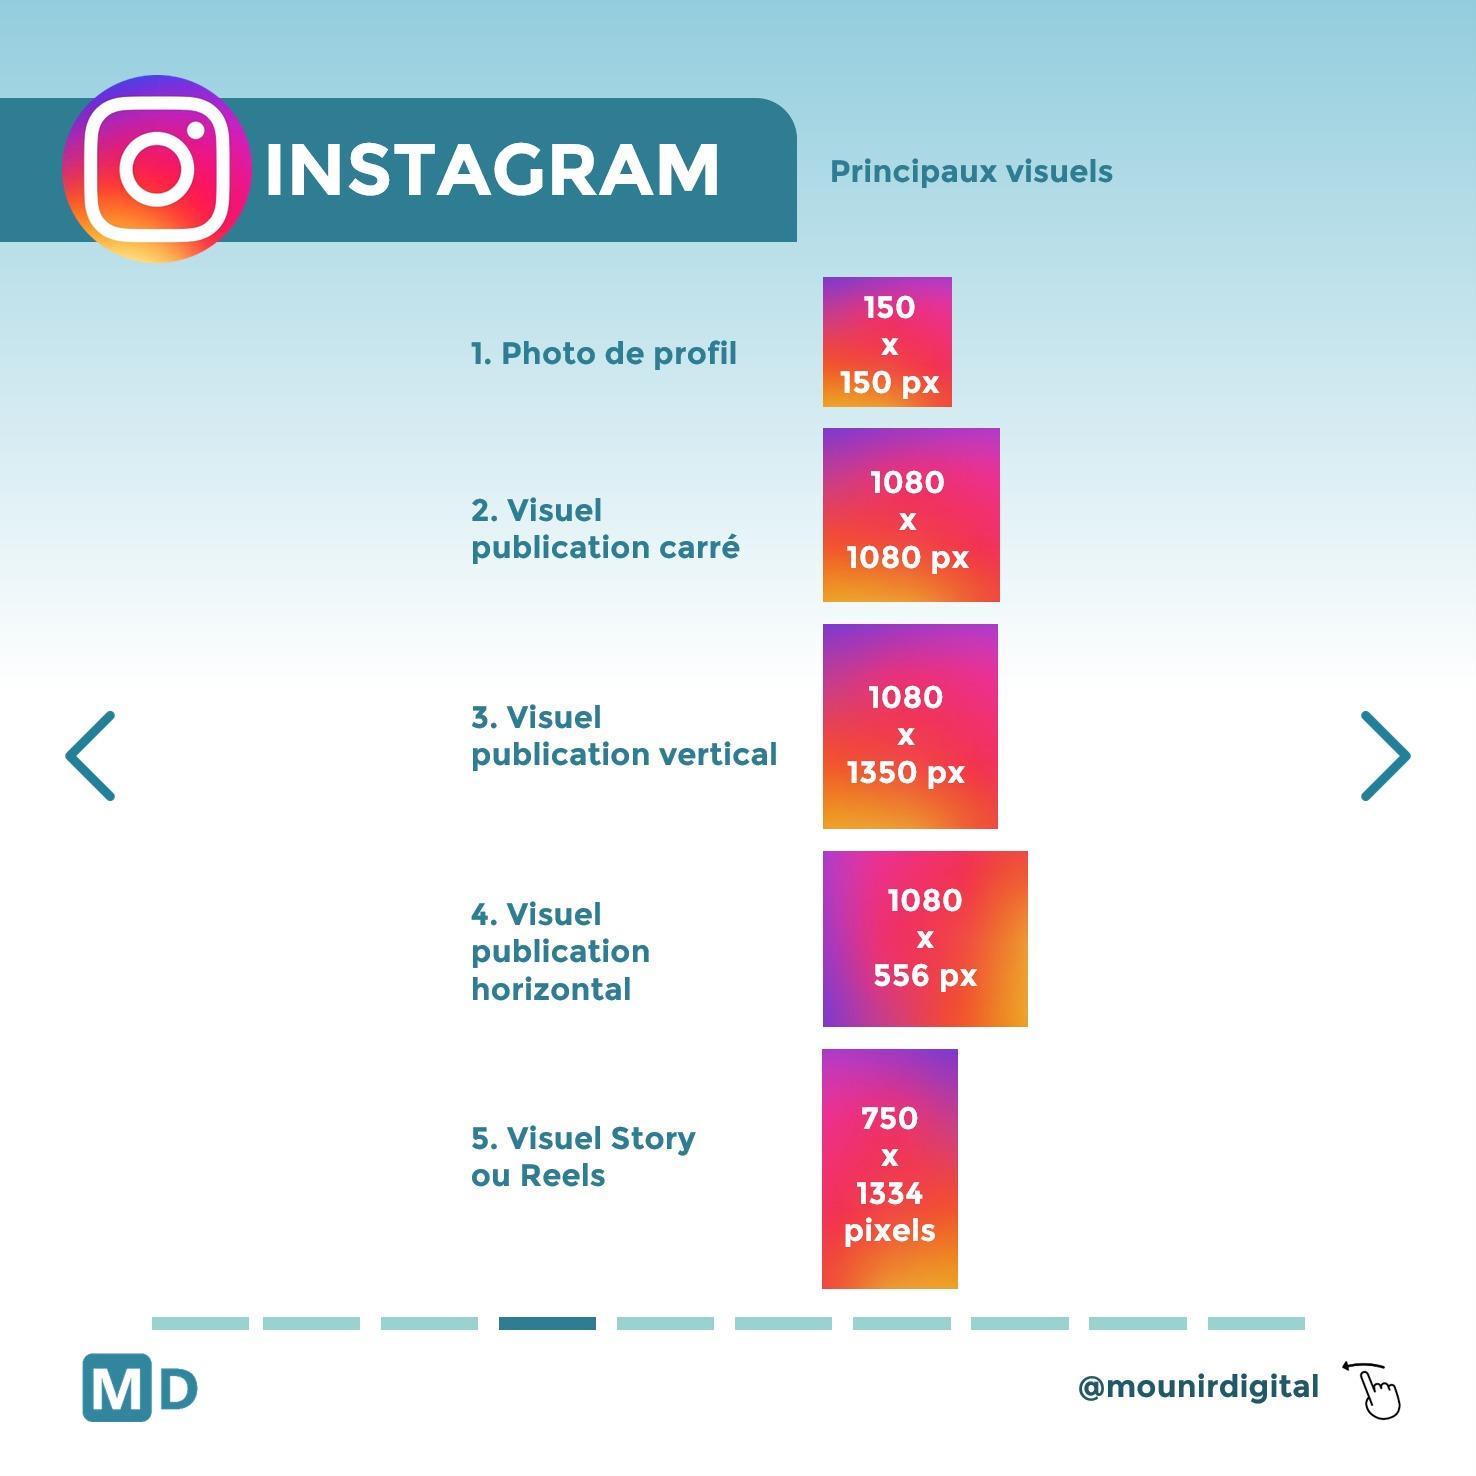 Taille visuel instagram - quelles tailles pour les visuels des réseaux sociaux - Mounir Digital